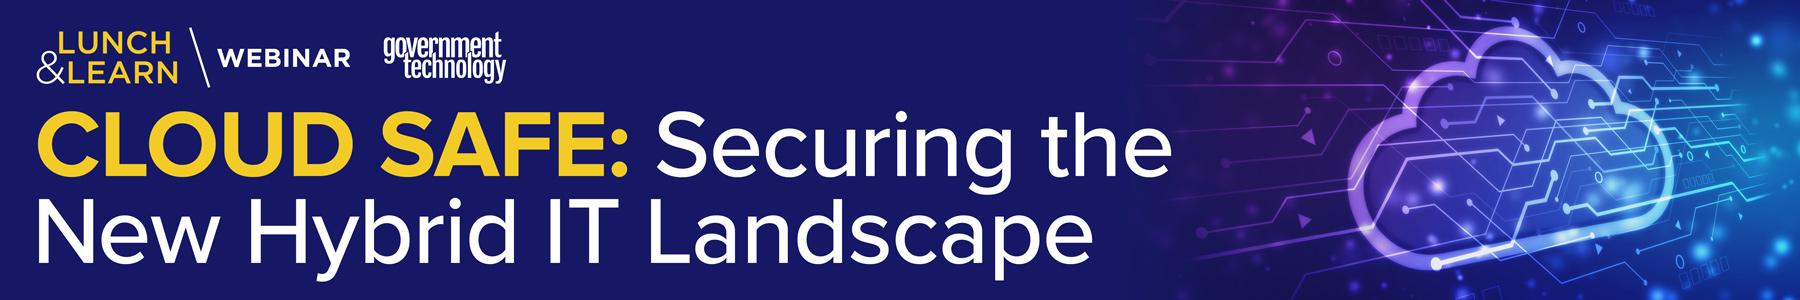 Cloud Safe: Securing the New Hybrid IT Landscape